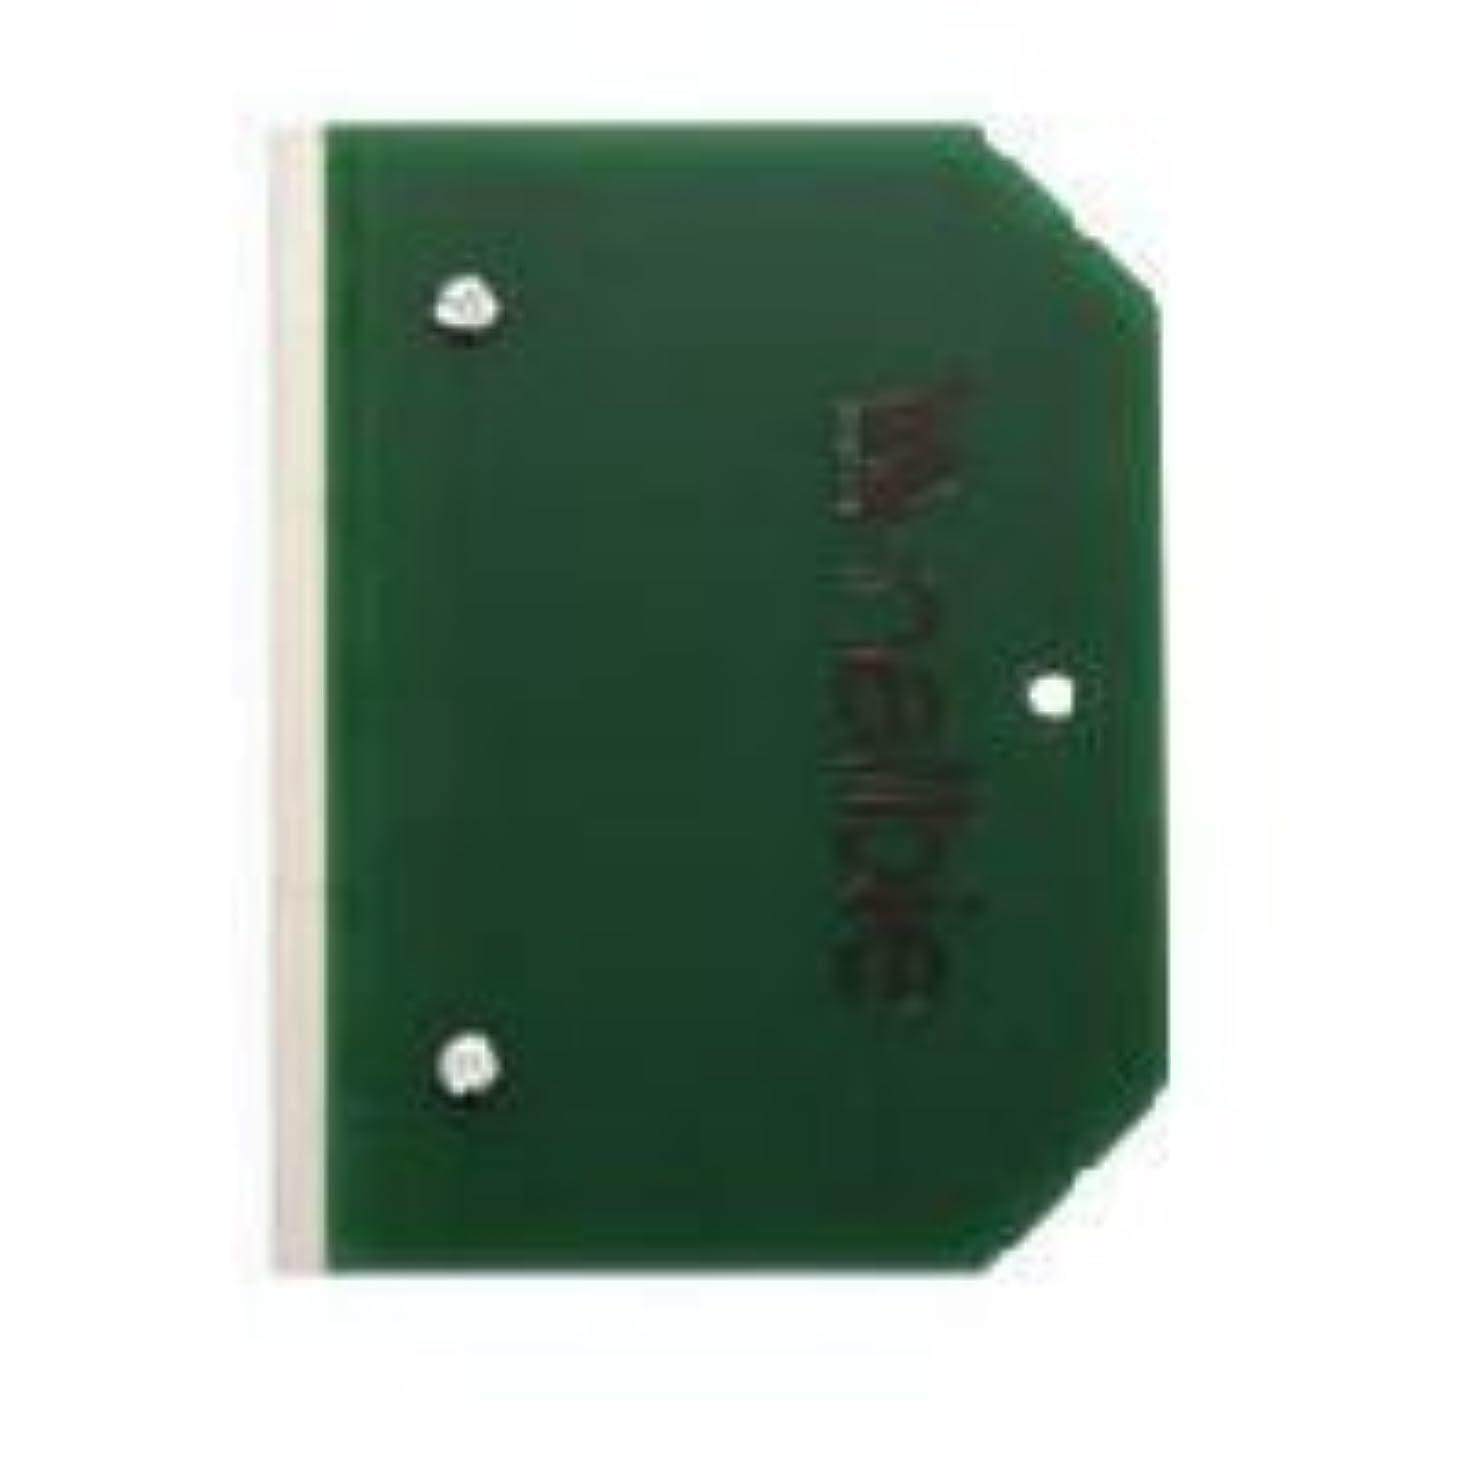 データベース防衛宅配便nalbie[ナルビー] カミソリホルダー 3枚刃/セーフティキャップ付 NRB03SC